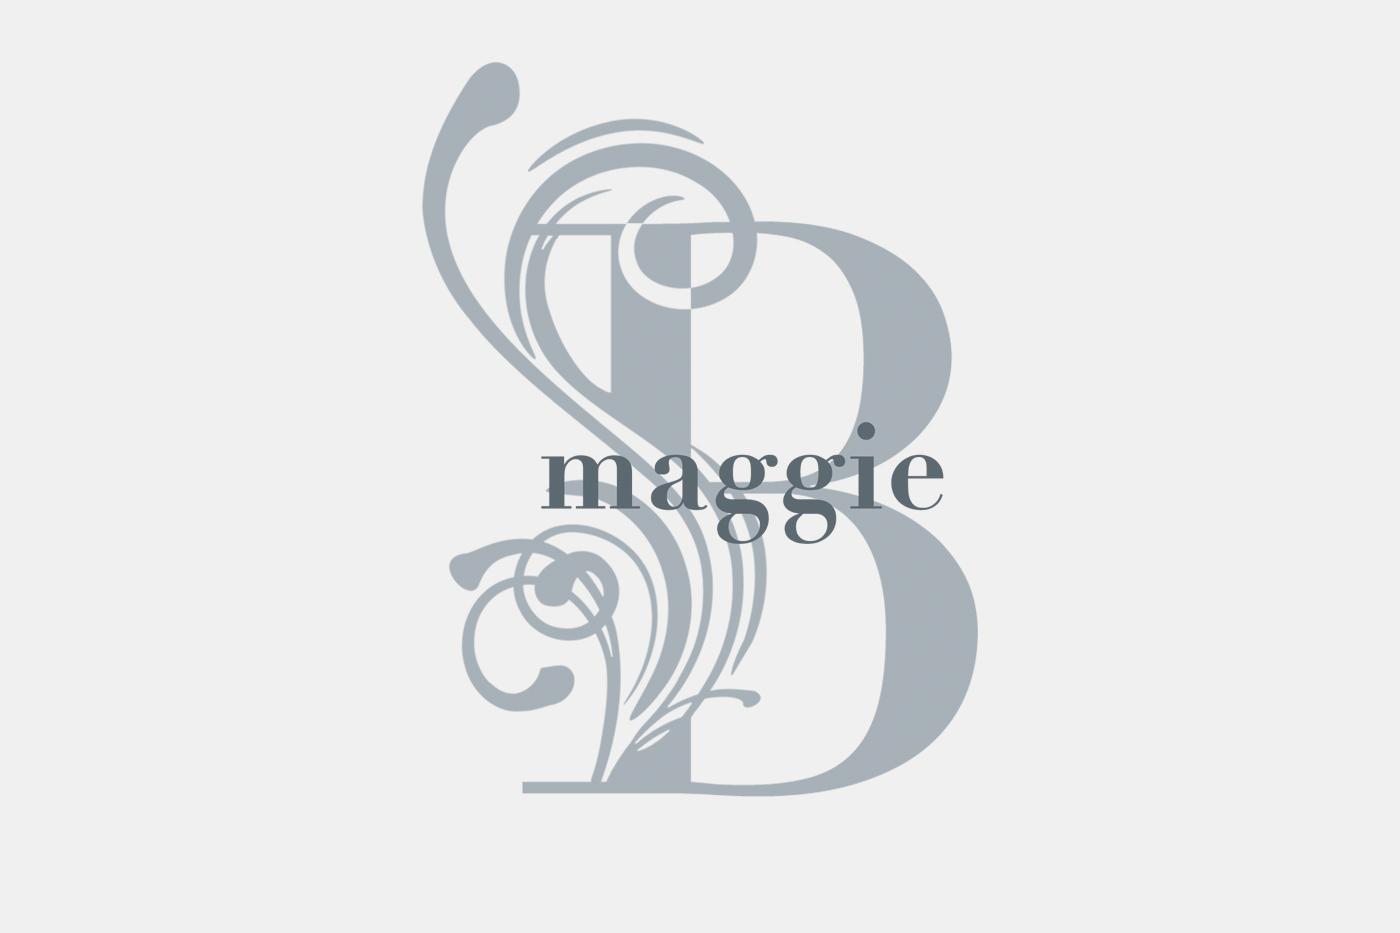 maggieb1